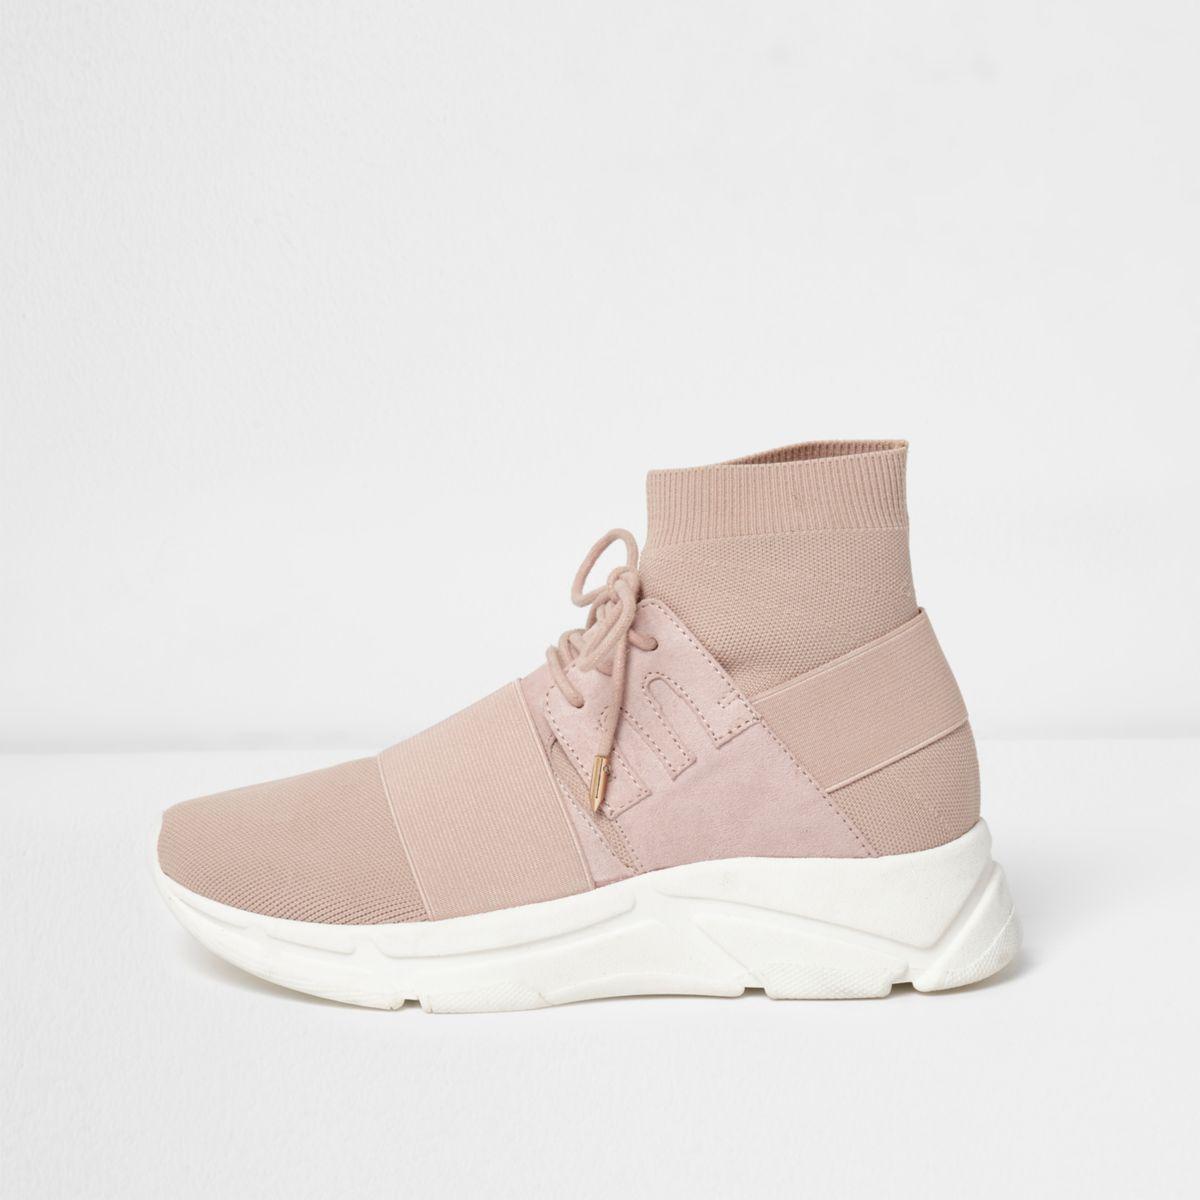 River Island Baskets de course chaussettes en maille roses Boutique En Ligne Pas Cher WbZixn